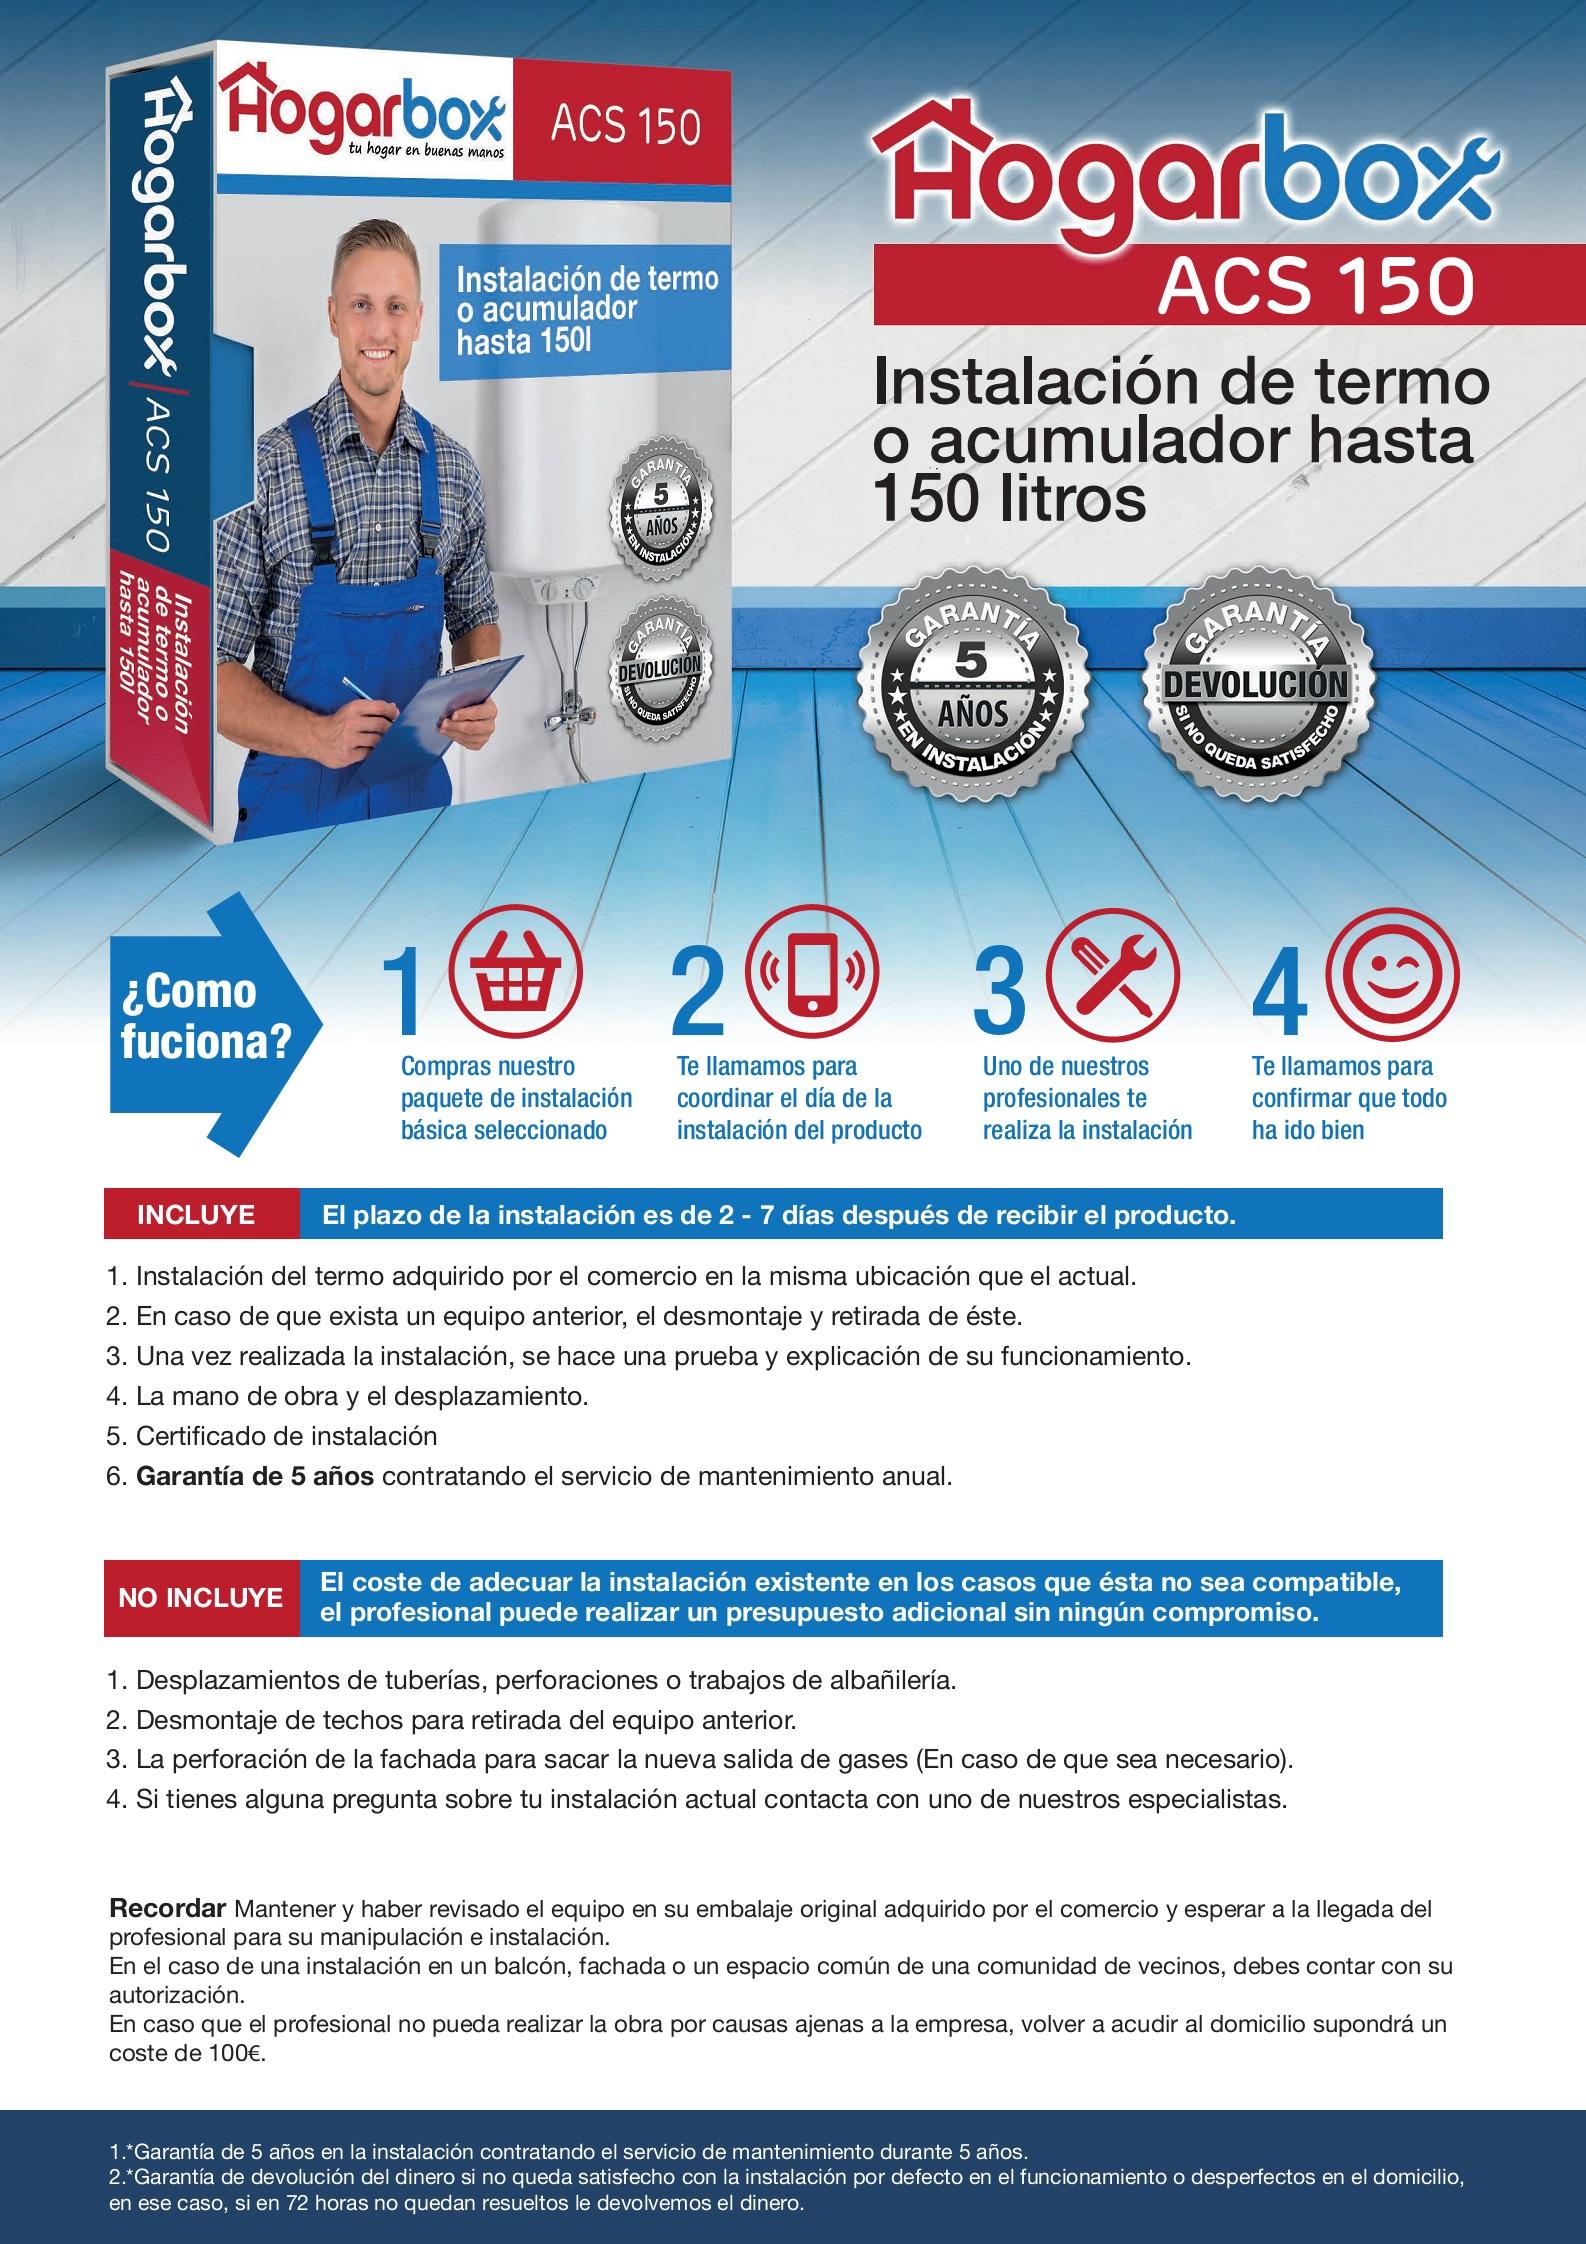 Hogarbox acs 150 instalaci n termo el ctrico 150 litros for Instalacion termo electrico precio